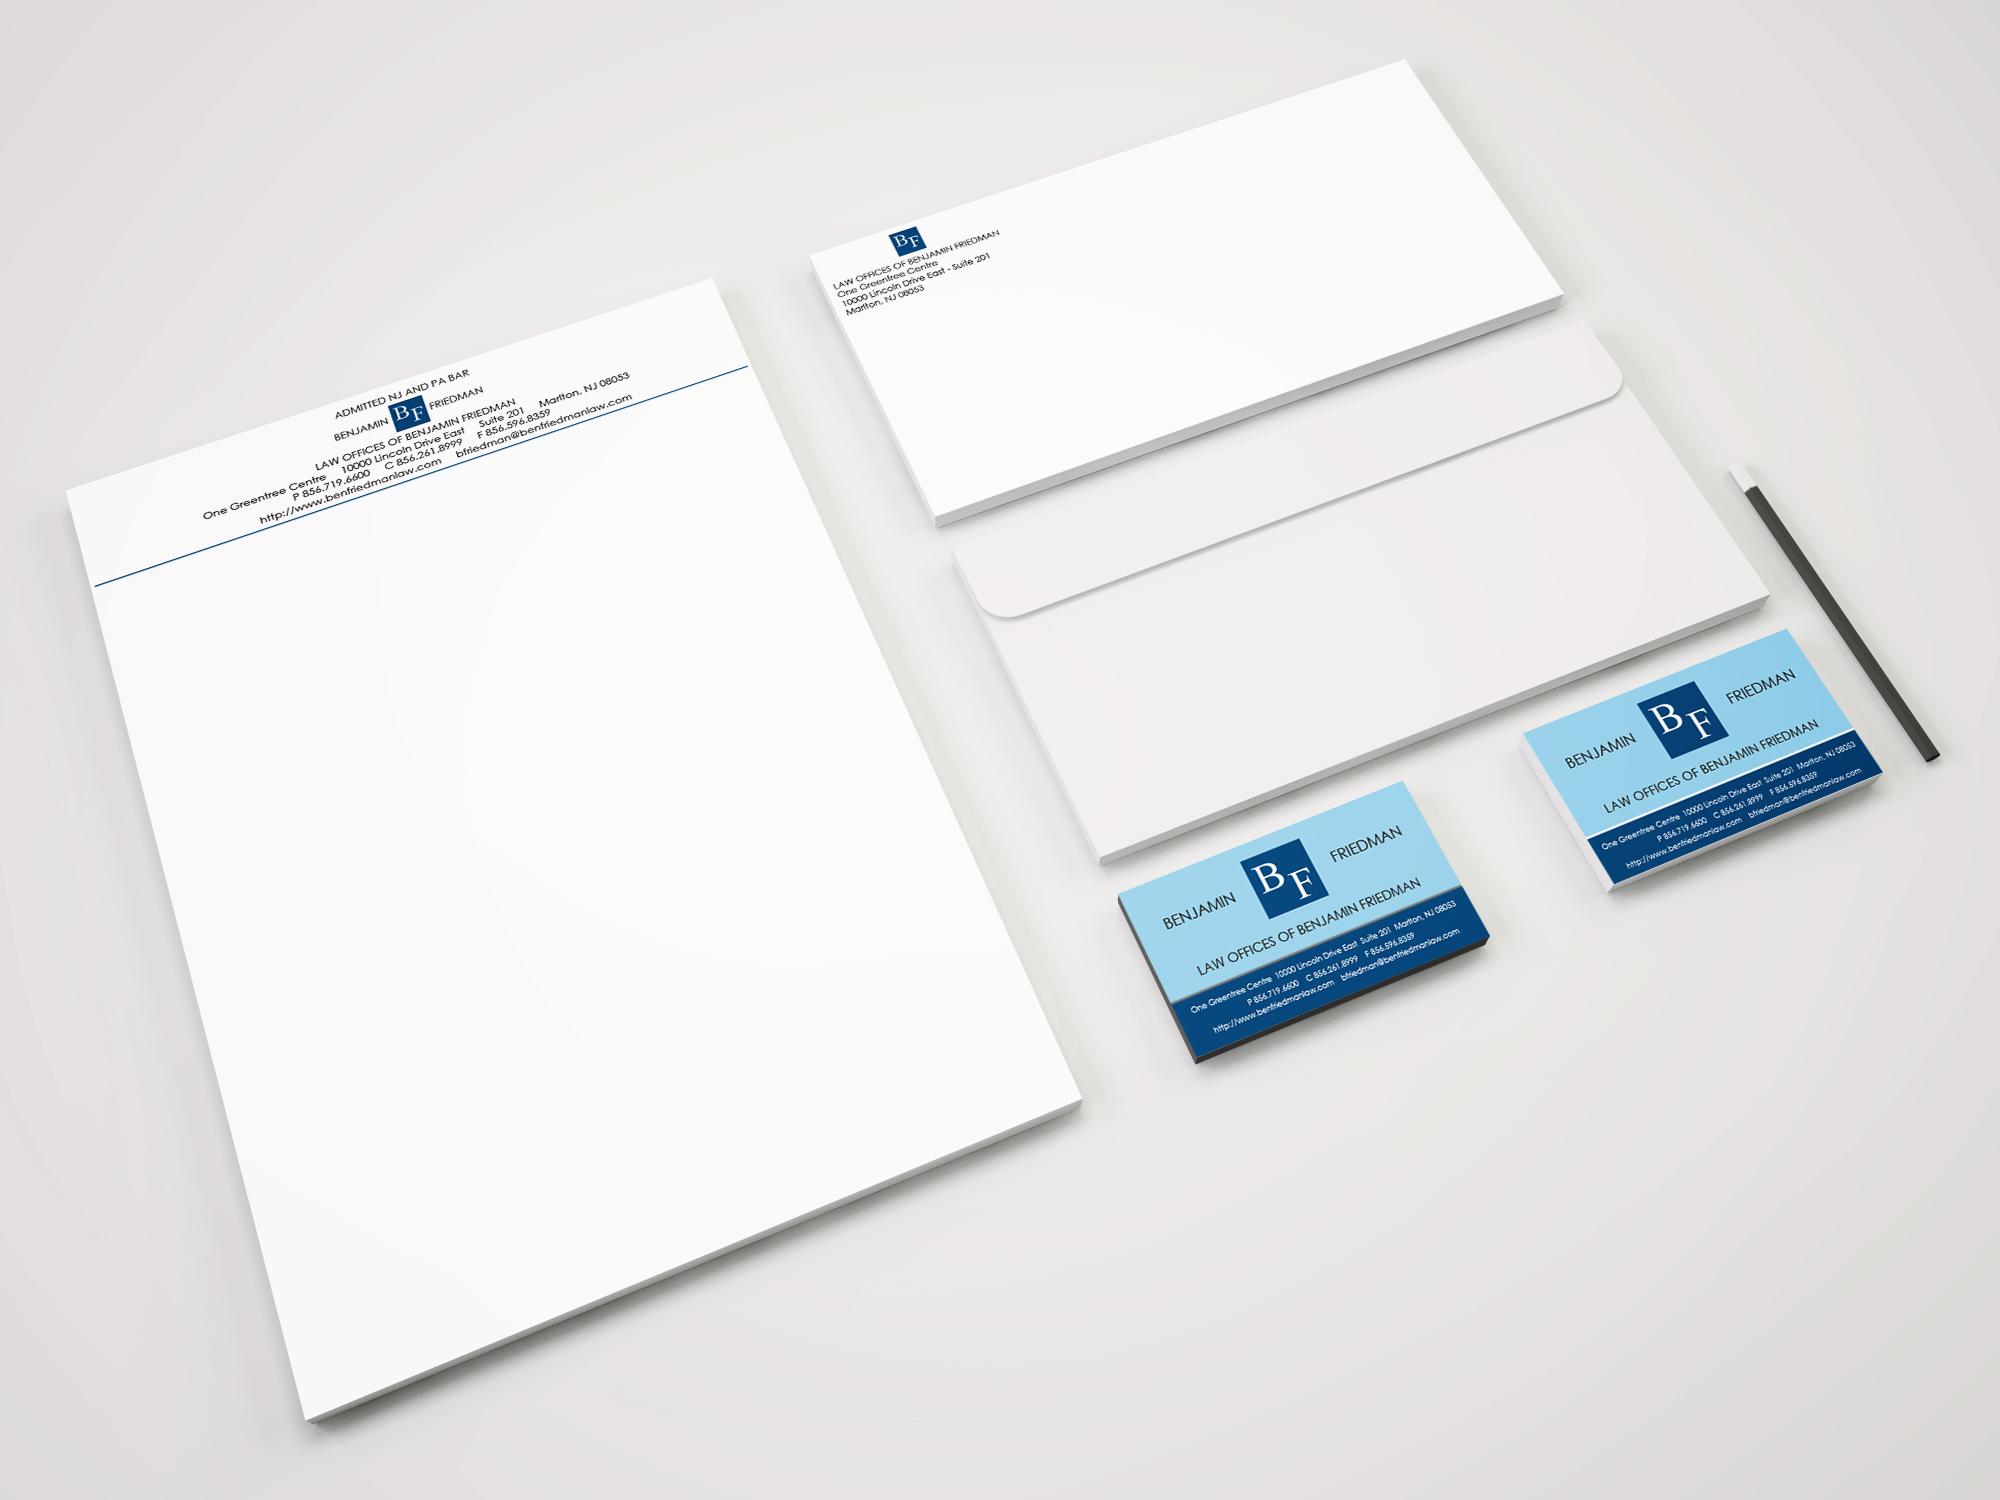 graphic design services american